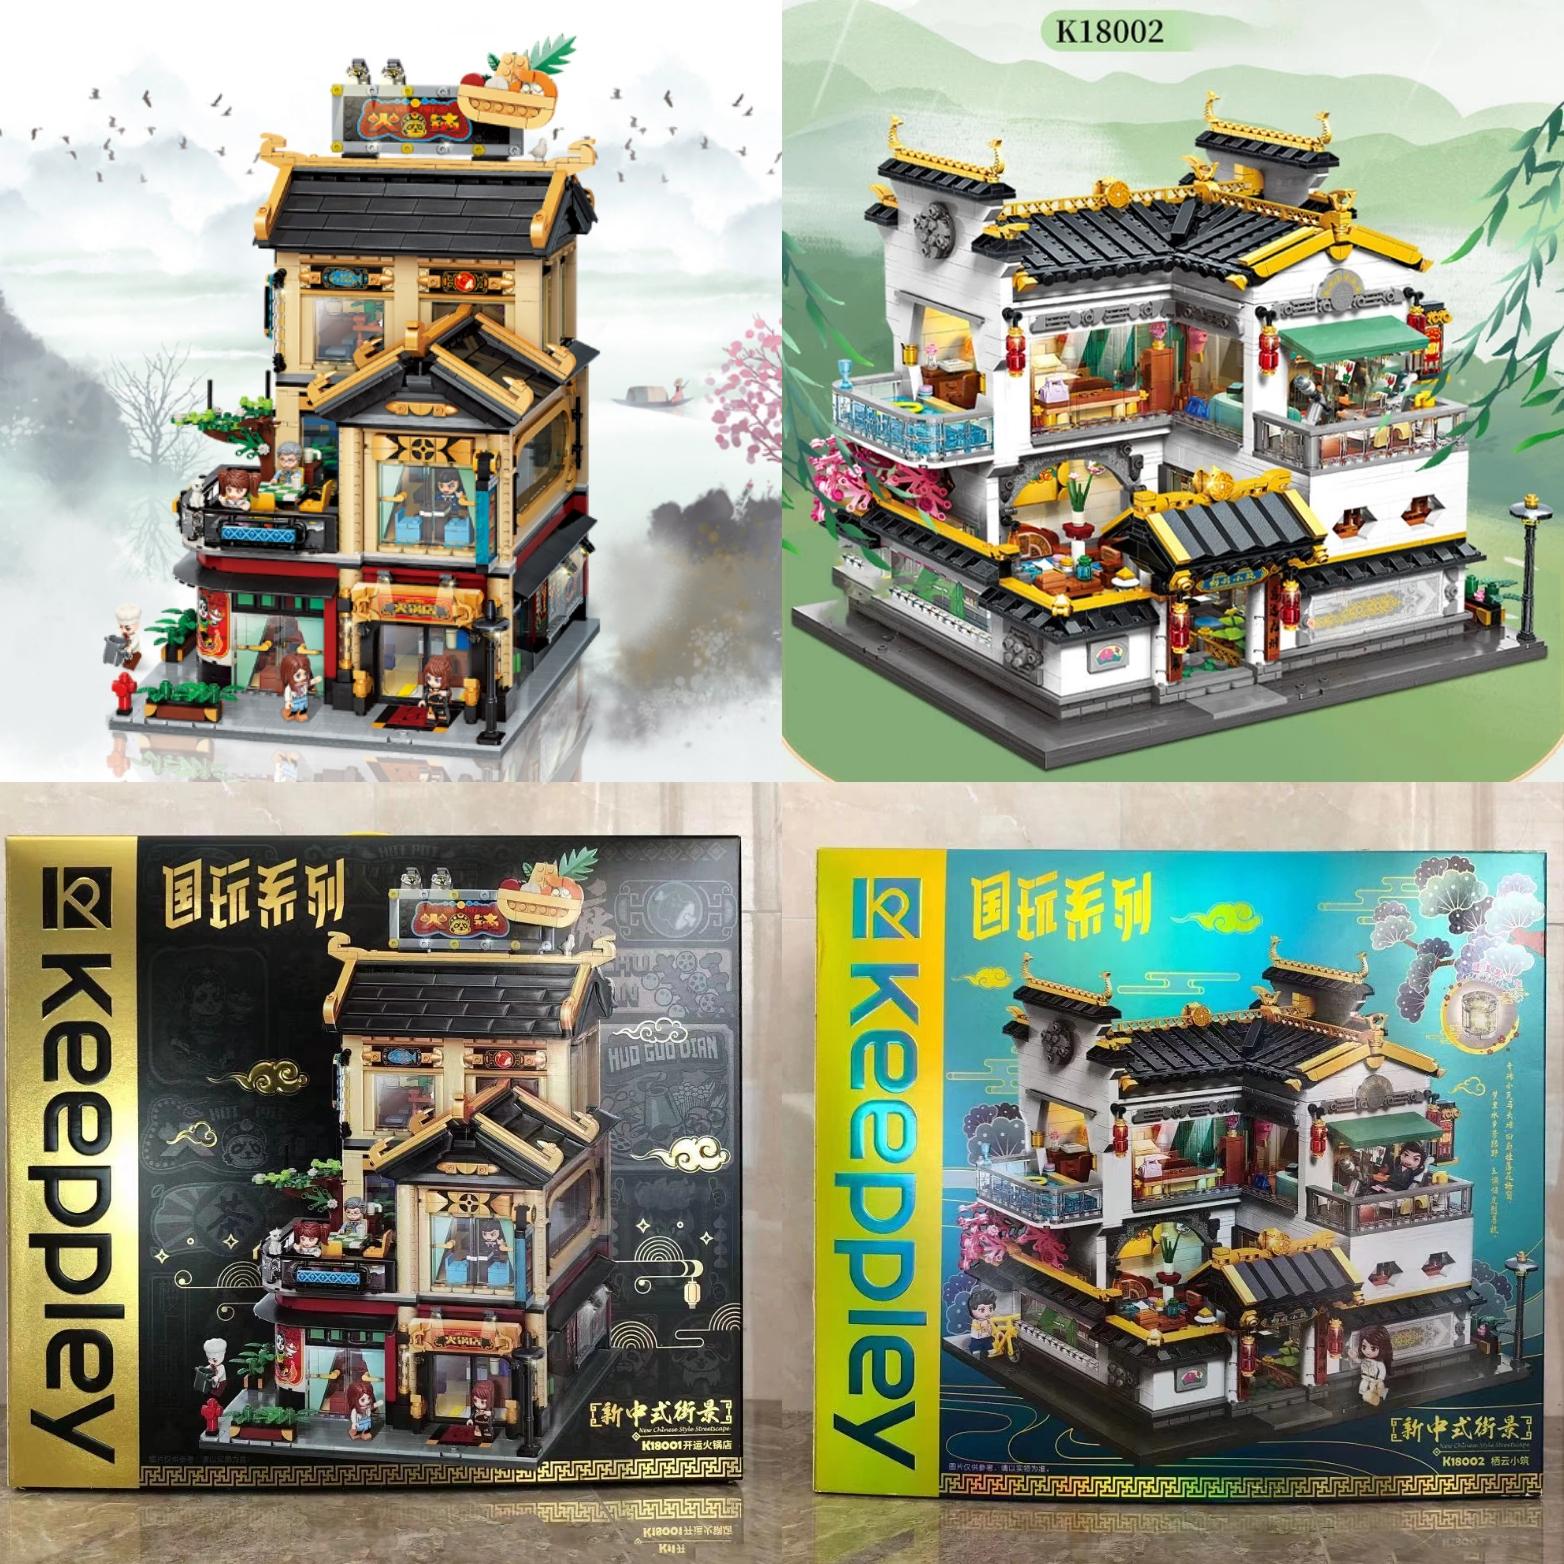 2er Set QMAN Keeppley K18001 Lucky Hot Pot Restaurant 2482 Teile 71,78€ + K18002 B&B / Haus 2500+ Teile 74,29€ Klemmbausteine - OVP möglich